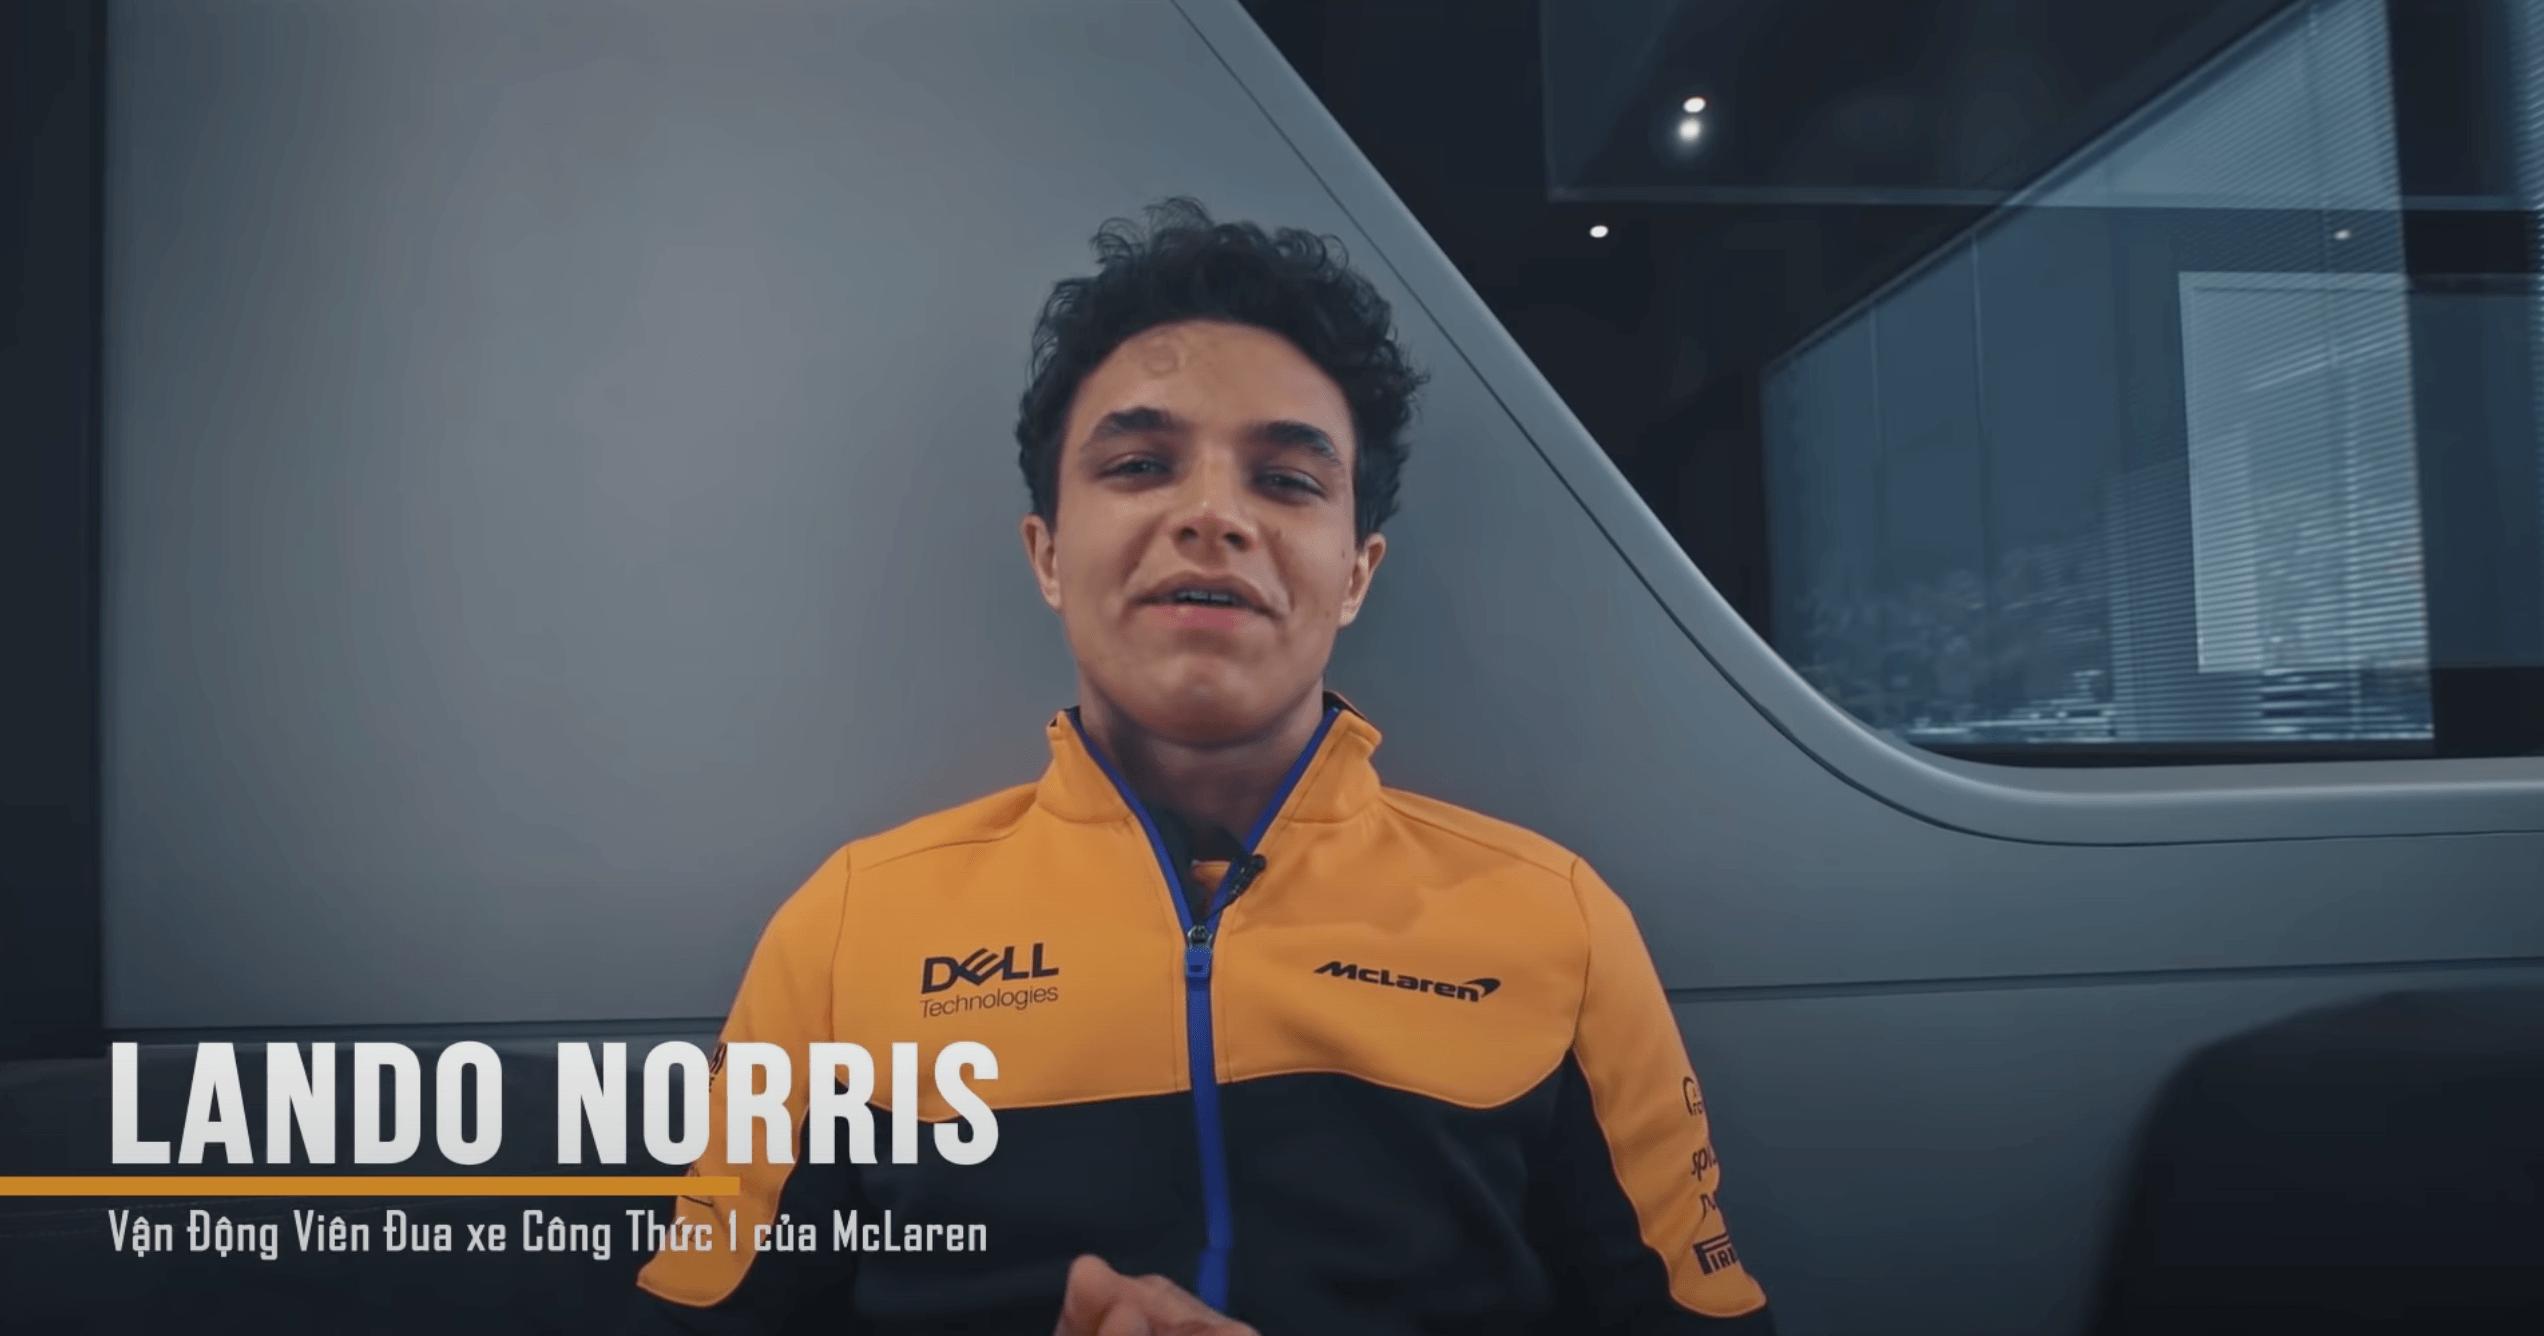 Garena Free Fire hợp tác cùng McLaren Racing đưa siêu xe vào game